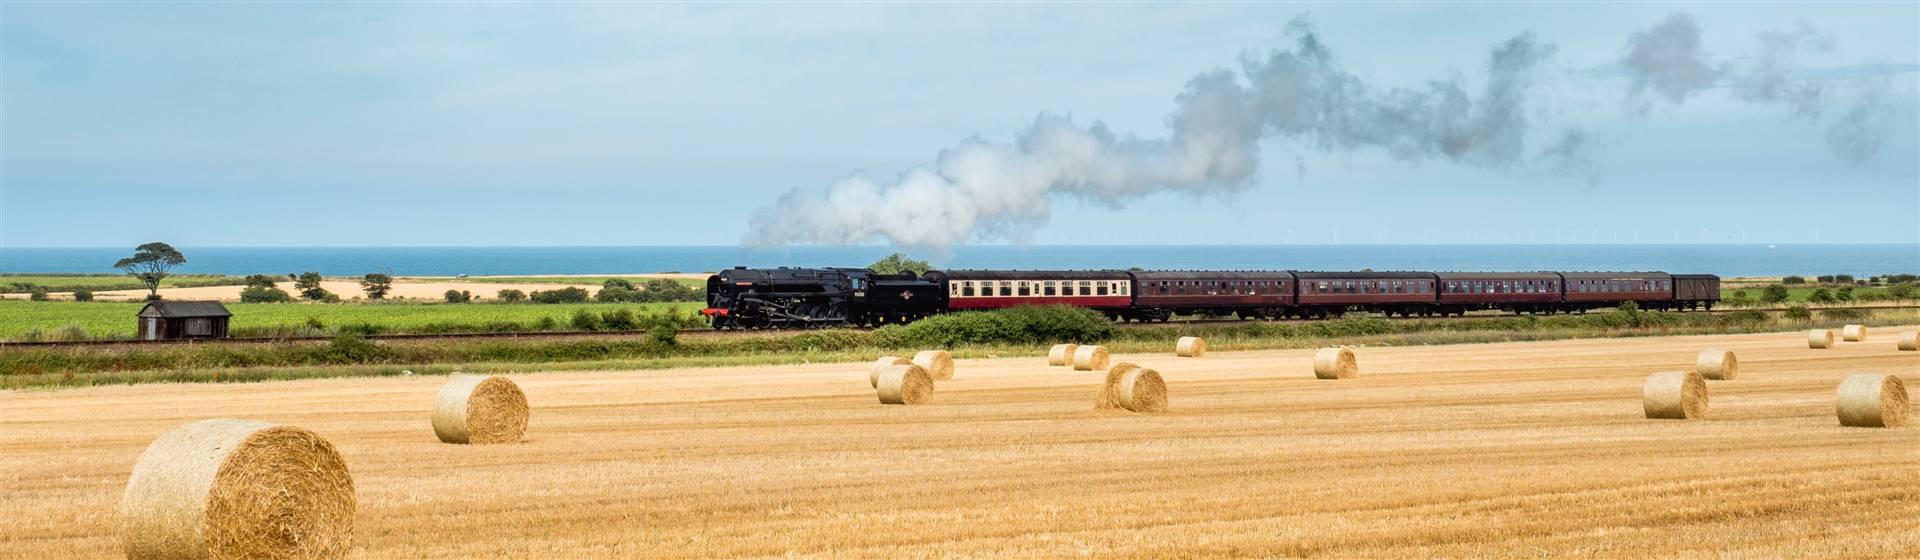 """<img src=""""steamtrainonthepoppyline-shutterstock.jpeg"""" alt=""""Steam train on the Poppy line""""/>"""